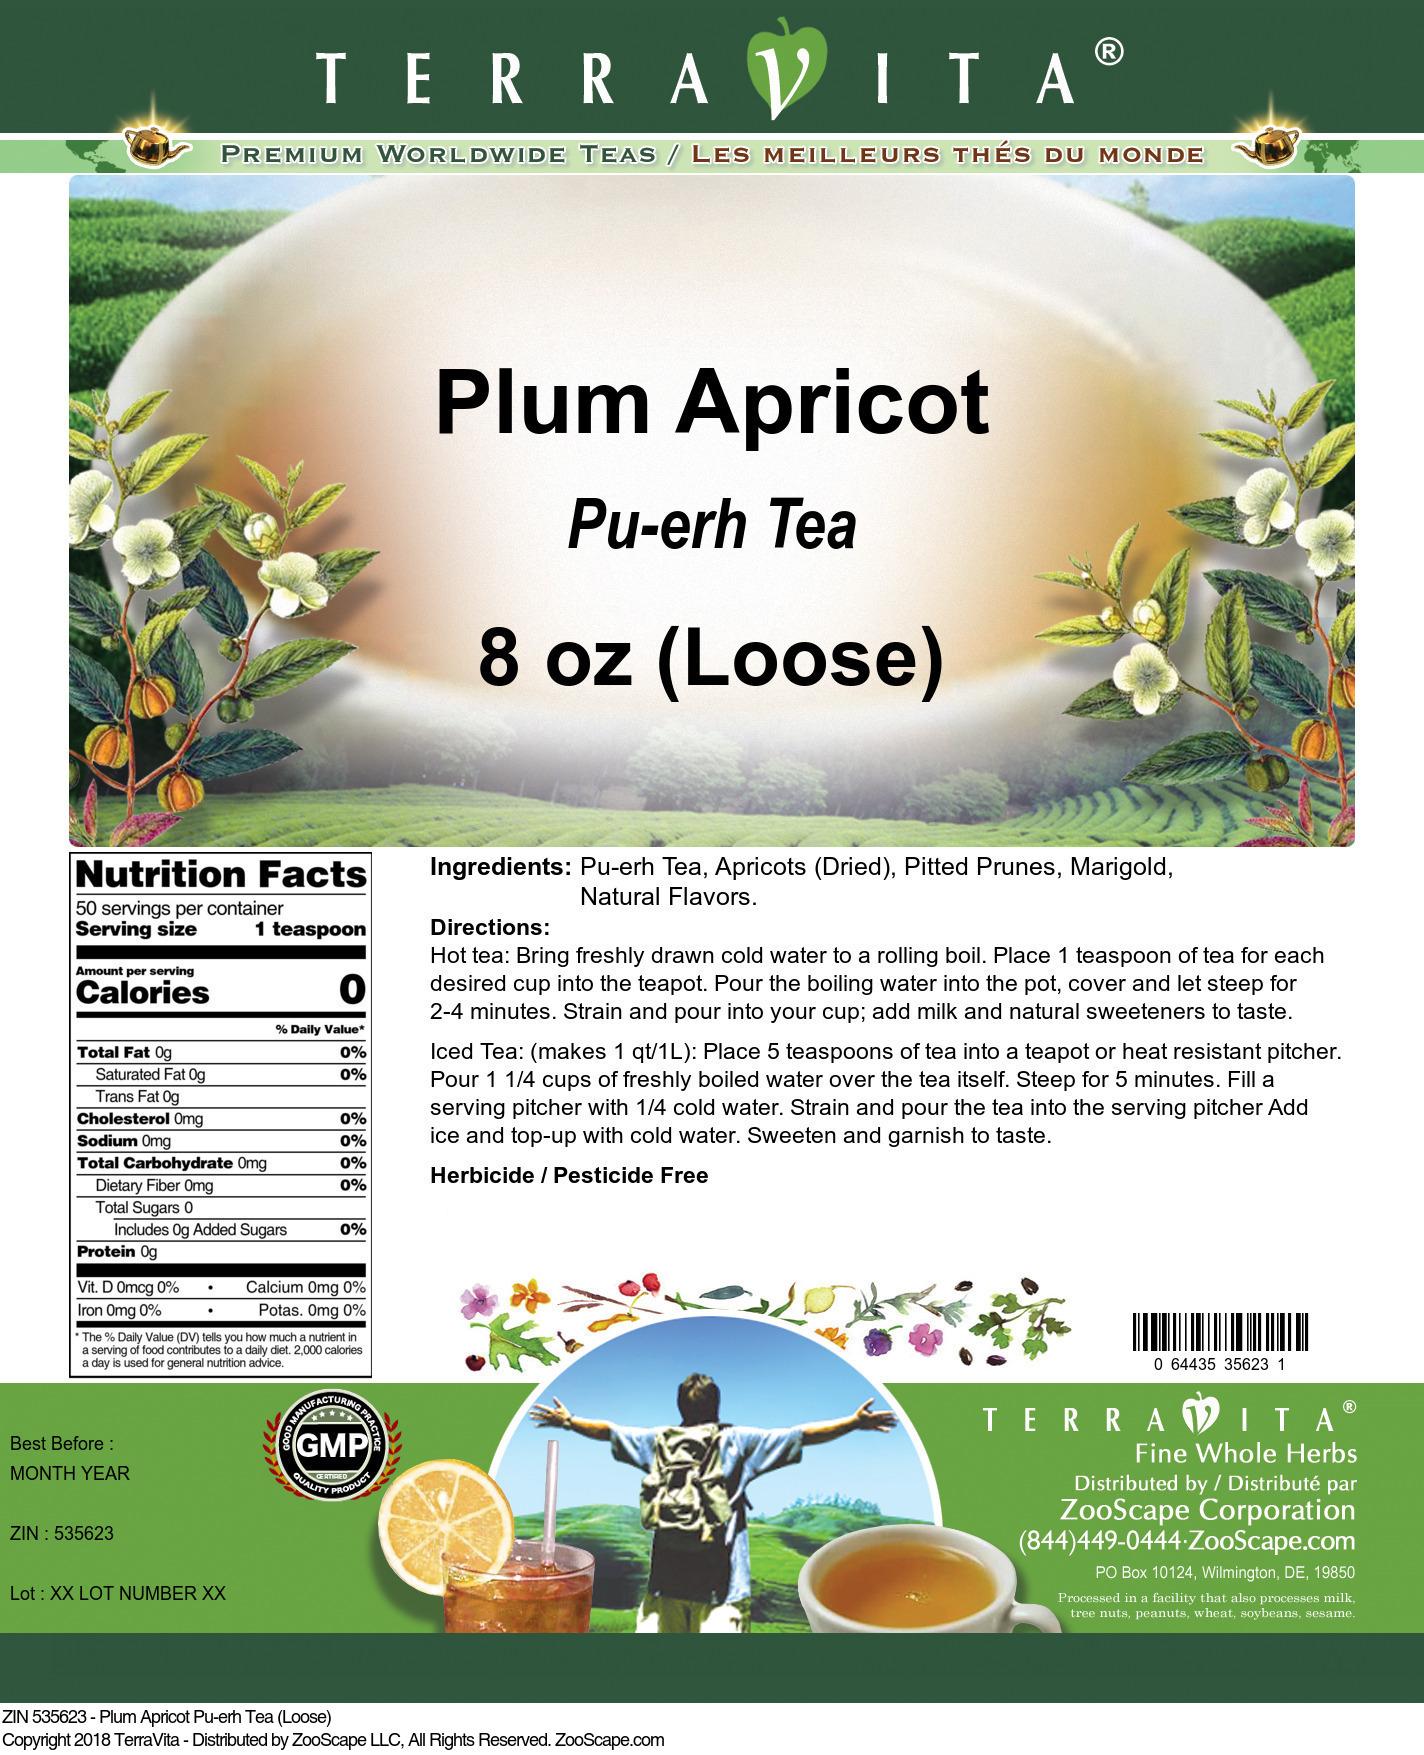 Plum Apricot Pu-erh Tea (Loose)